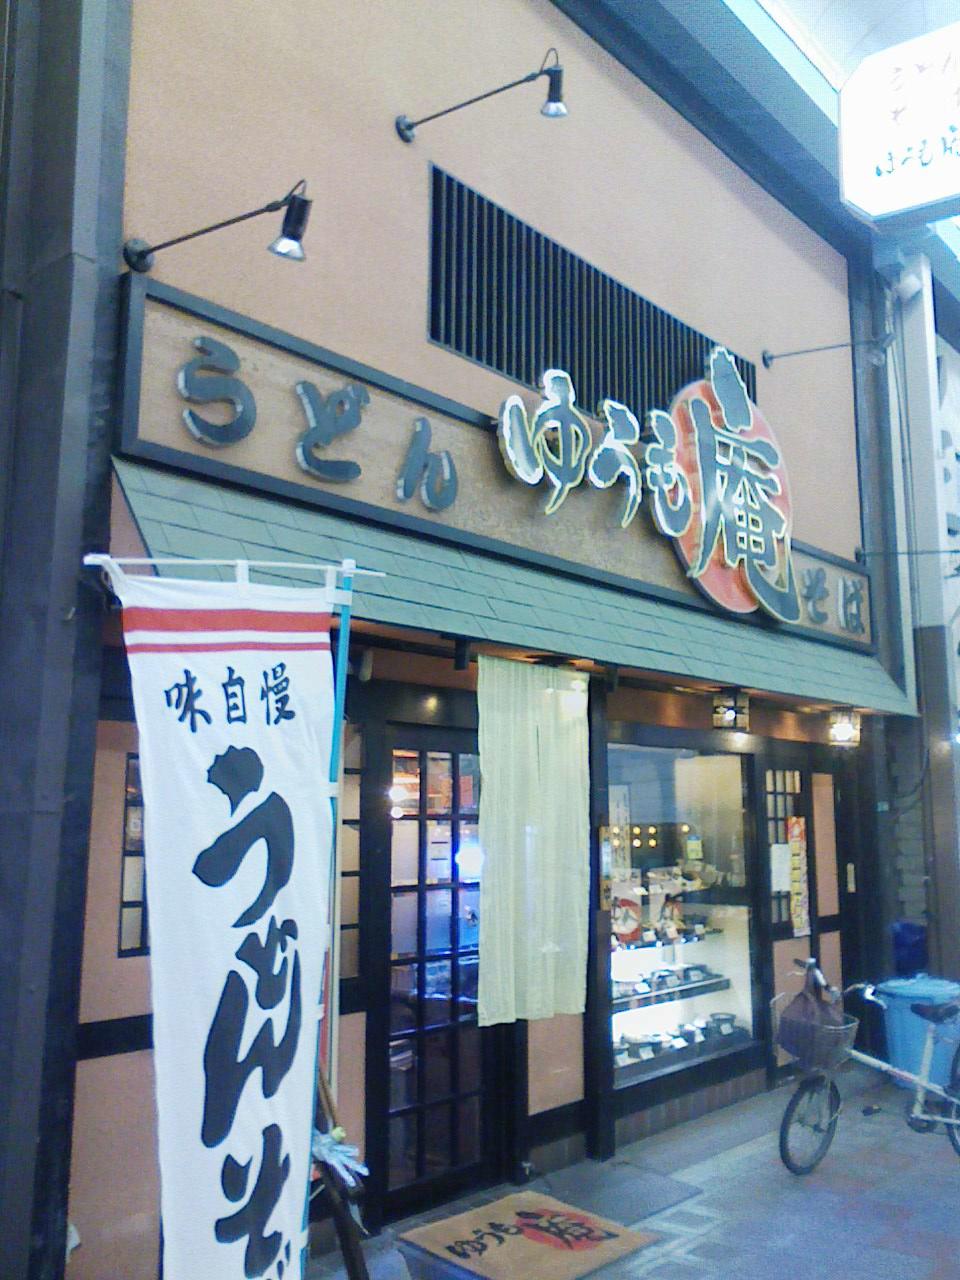 久しぶり「塚本駅前漂流」味わいの街!_c0061686_7302827.jpg